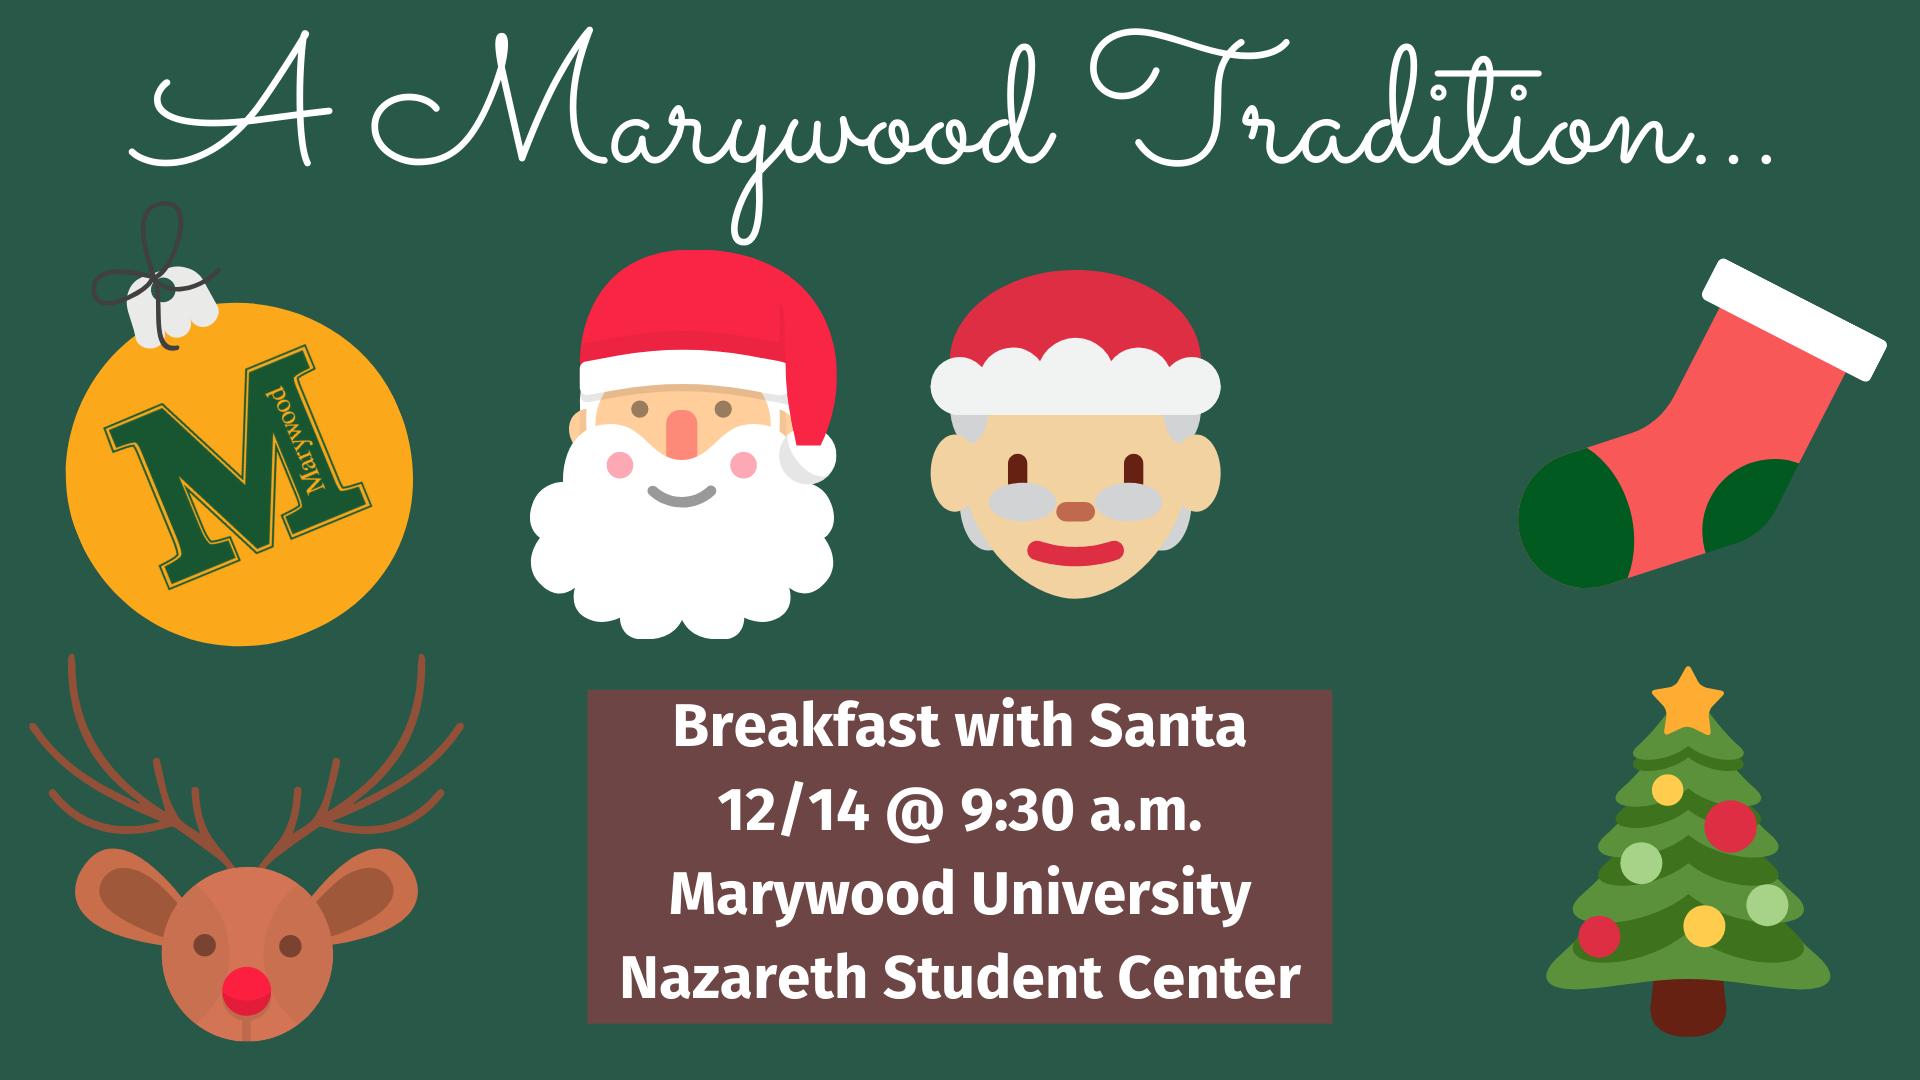 Breakfast with Santa at Marywood University - 12/14 at 9:30 a.m.